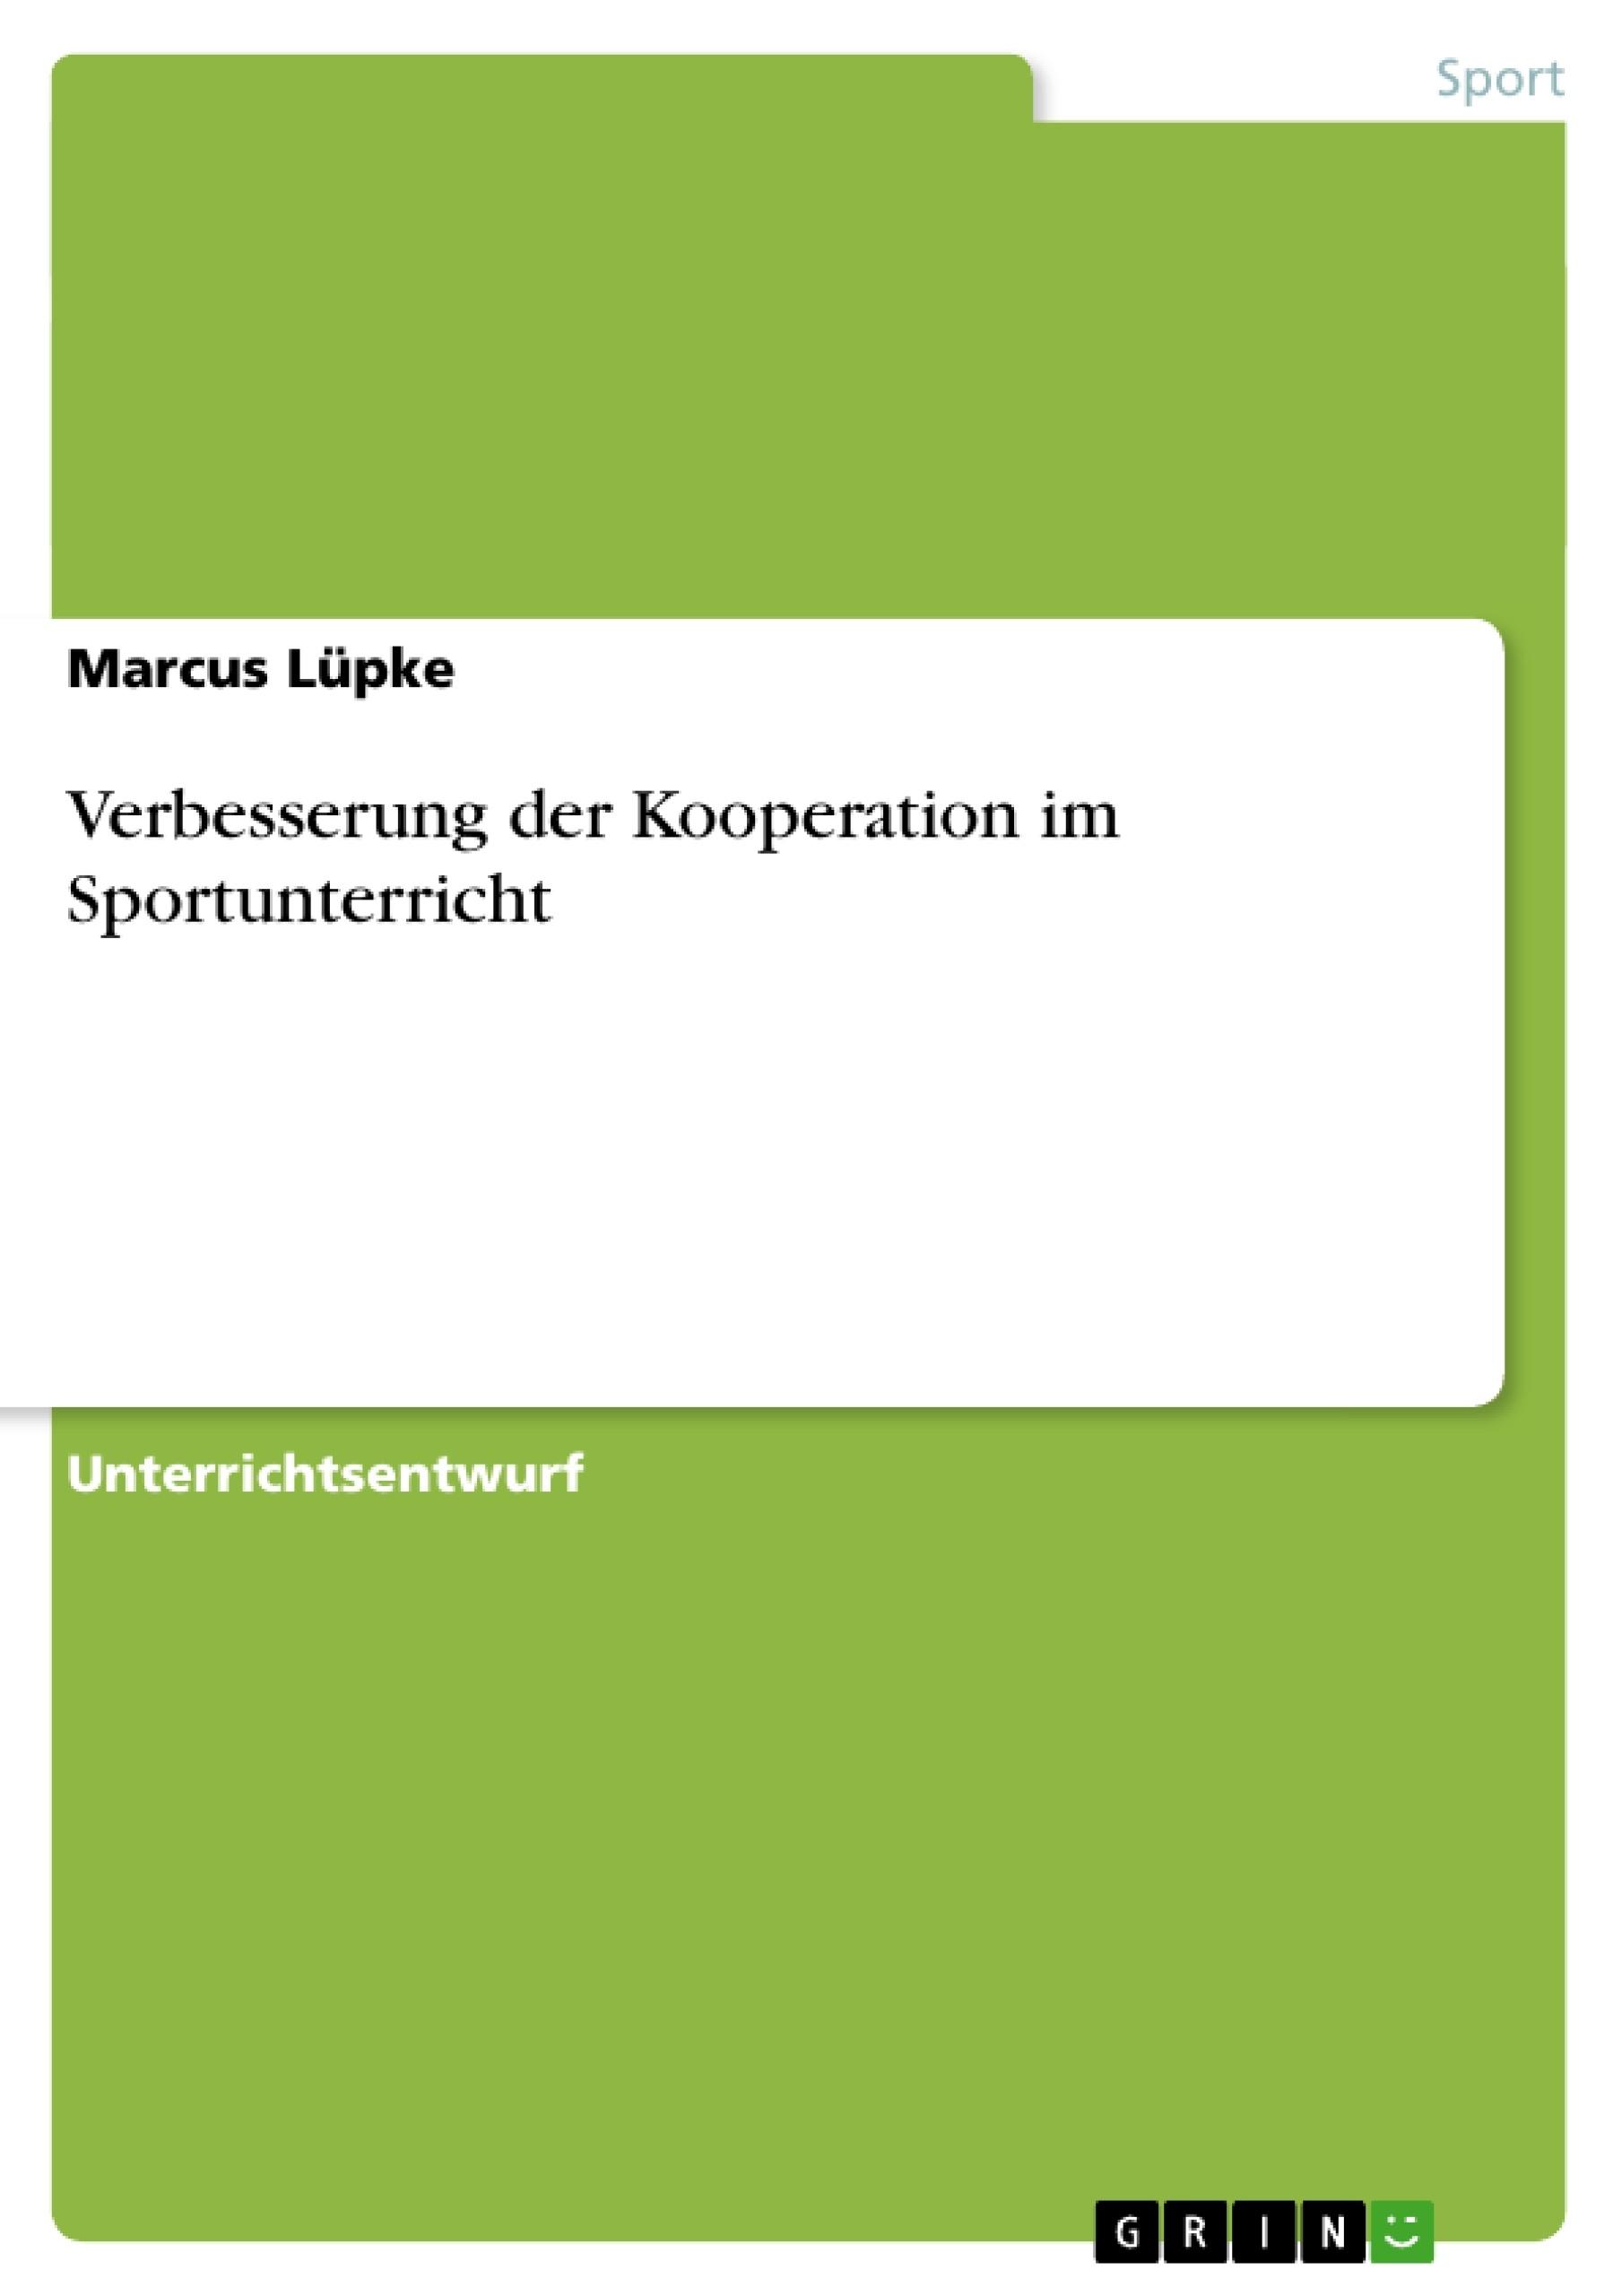 Titel: Verbesserung der Kooperation im Sportunterricht